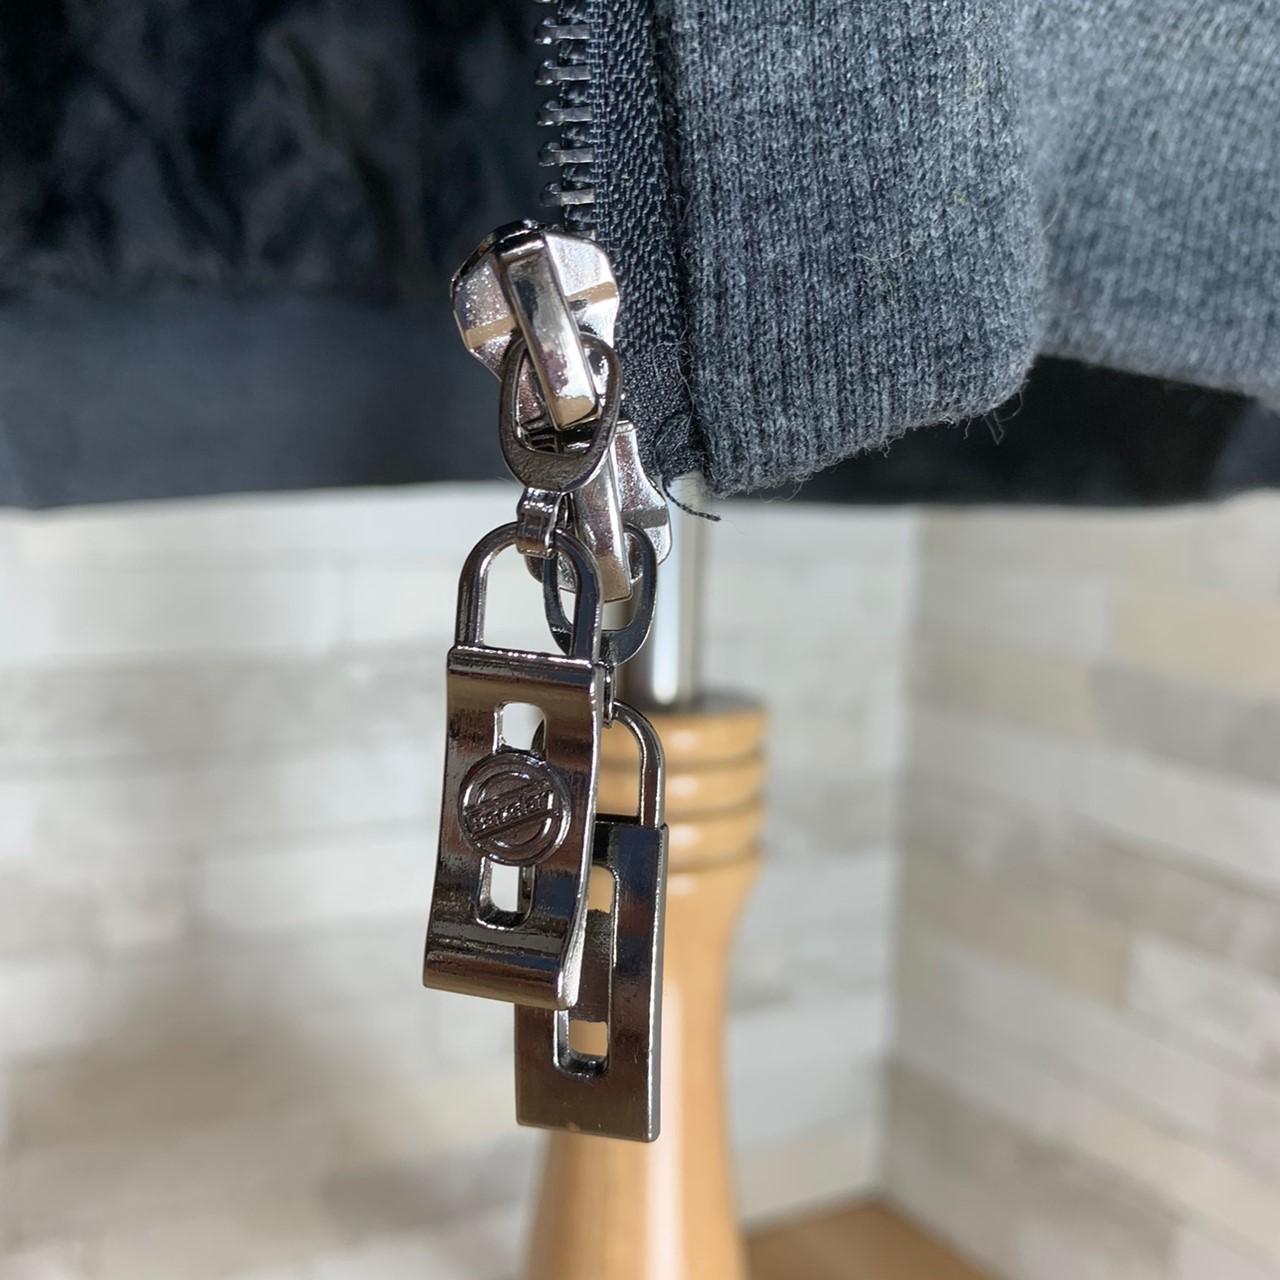 【即納】韓国 ファッション アウター ムートン ファーコート 秋 冬 カジュアル SPTXC599  もこもこ ふわふわ エコファー パーカー オーバーサイズ フ オルチャン シンプル 定番 セレカジの写真19枚目